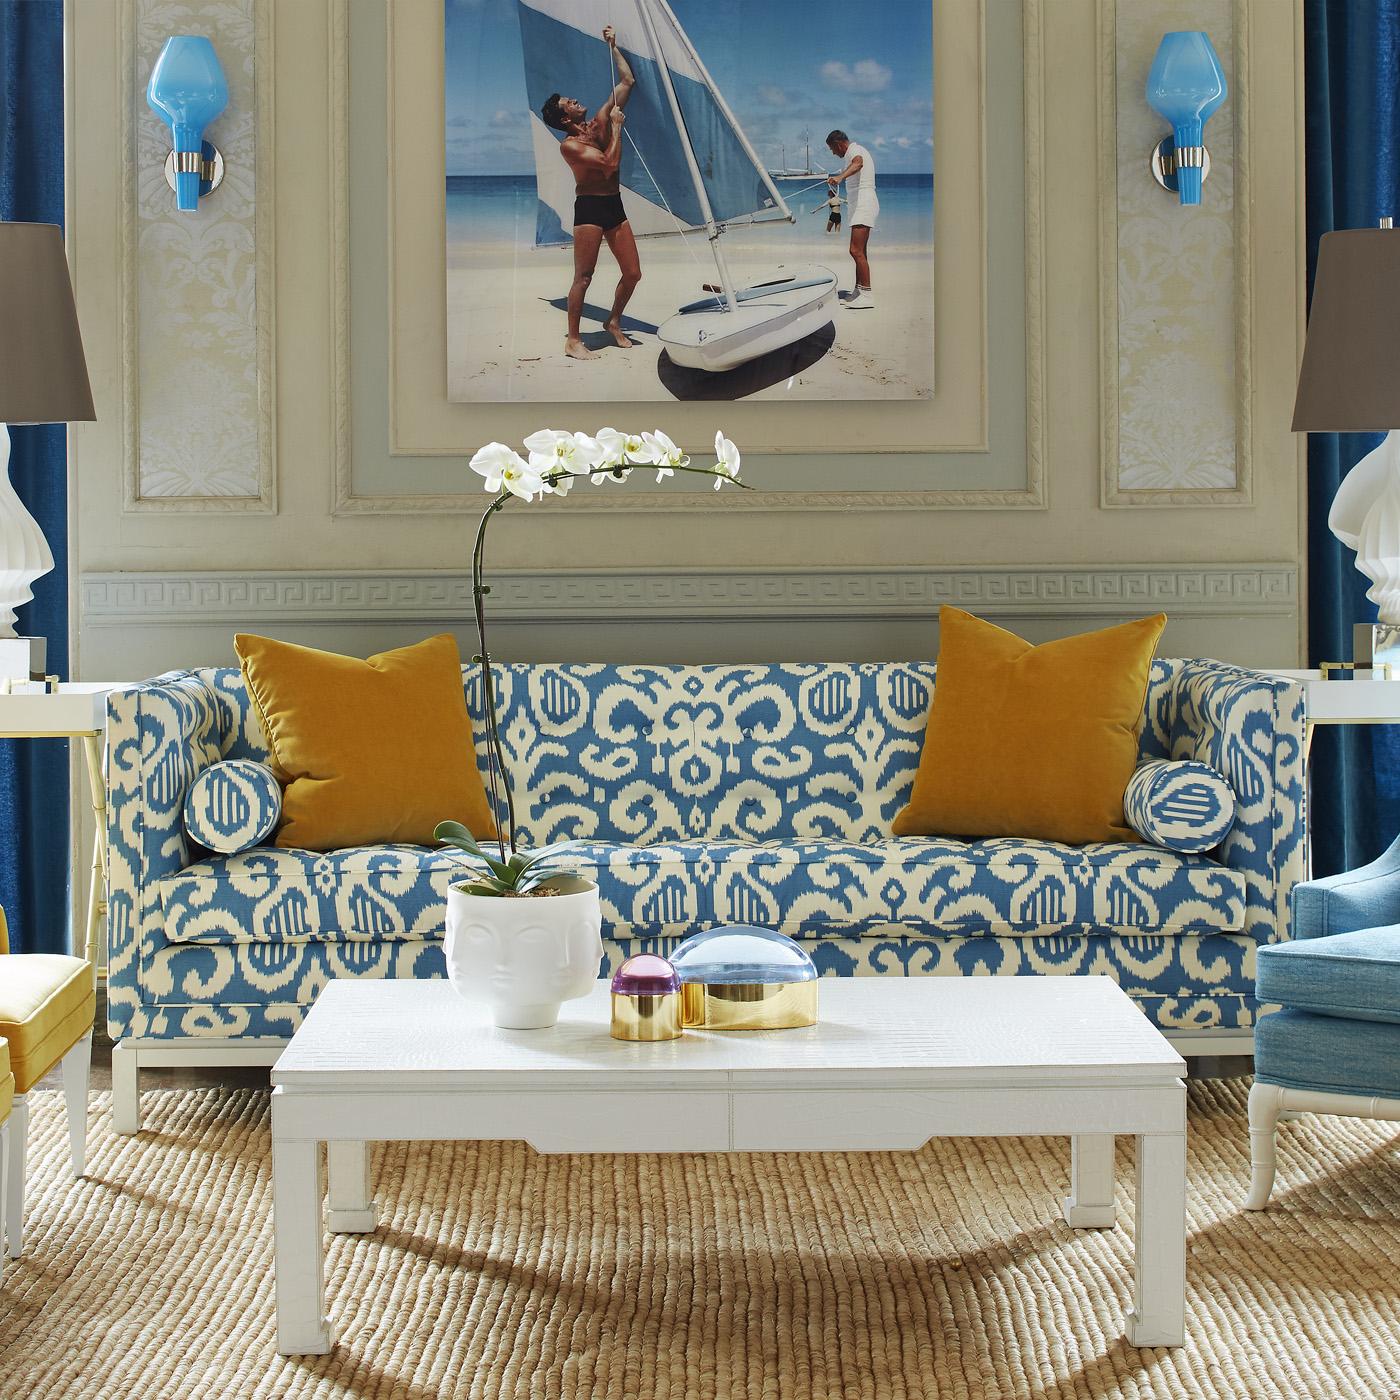 4_modern-furniture-lampert-sofa-capri-living-e-spr15-jonathan-adler.jpg